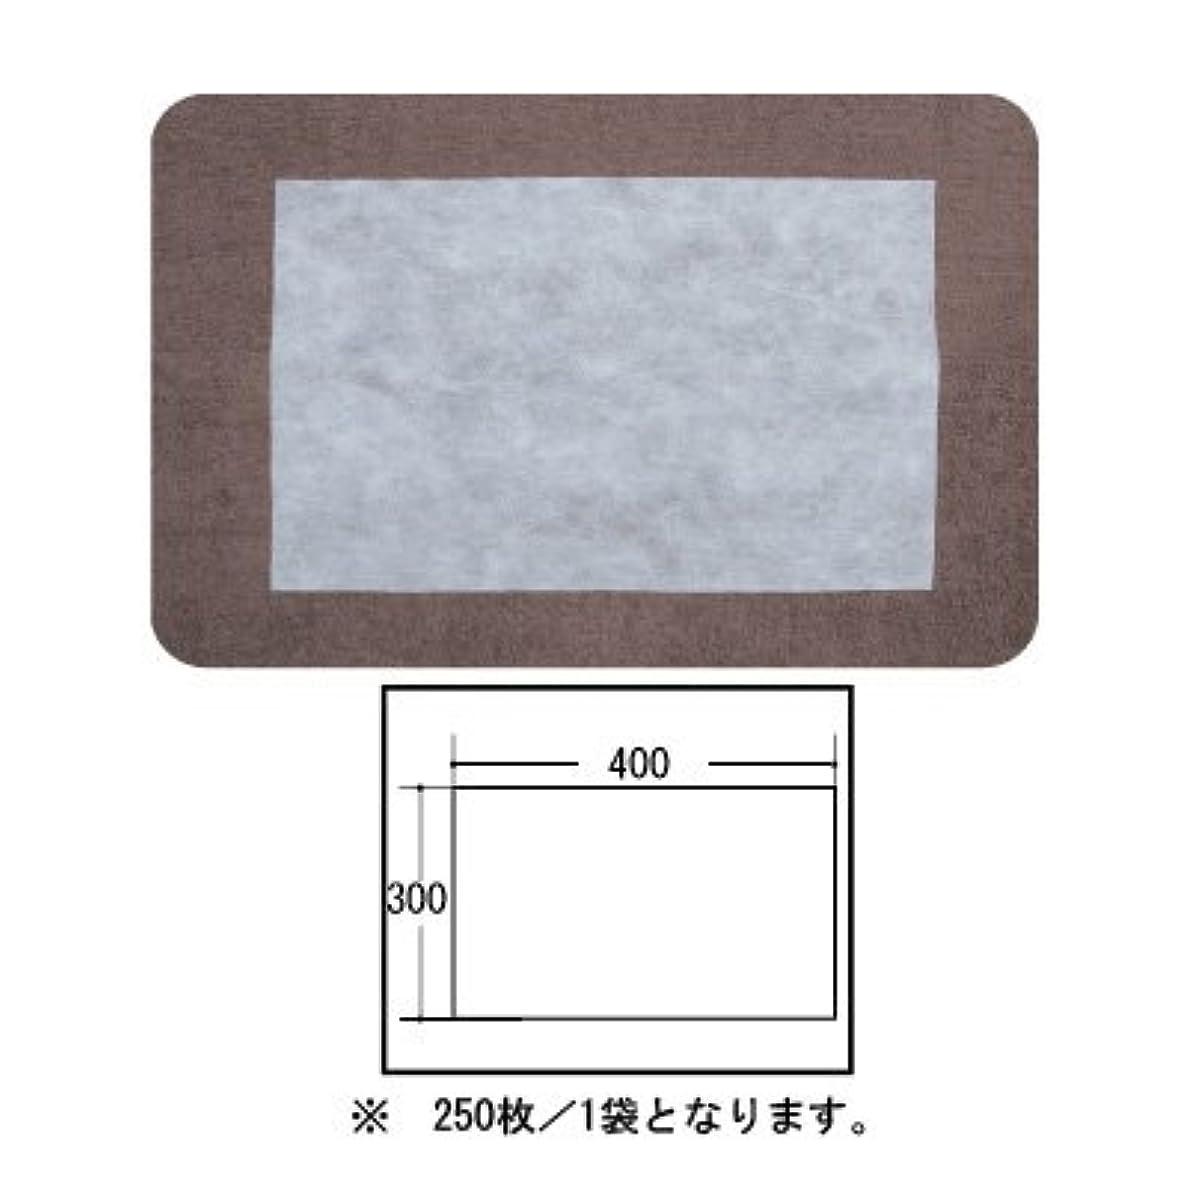 縁石トロピカルポインタ(ロータス)LOTUS 日本製 ピロカバー カット無し 250枚入 業務用 マルチな不織布カバー